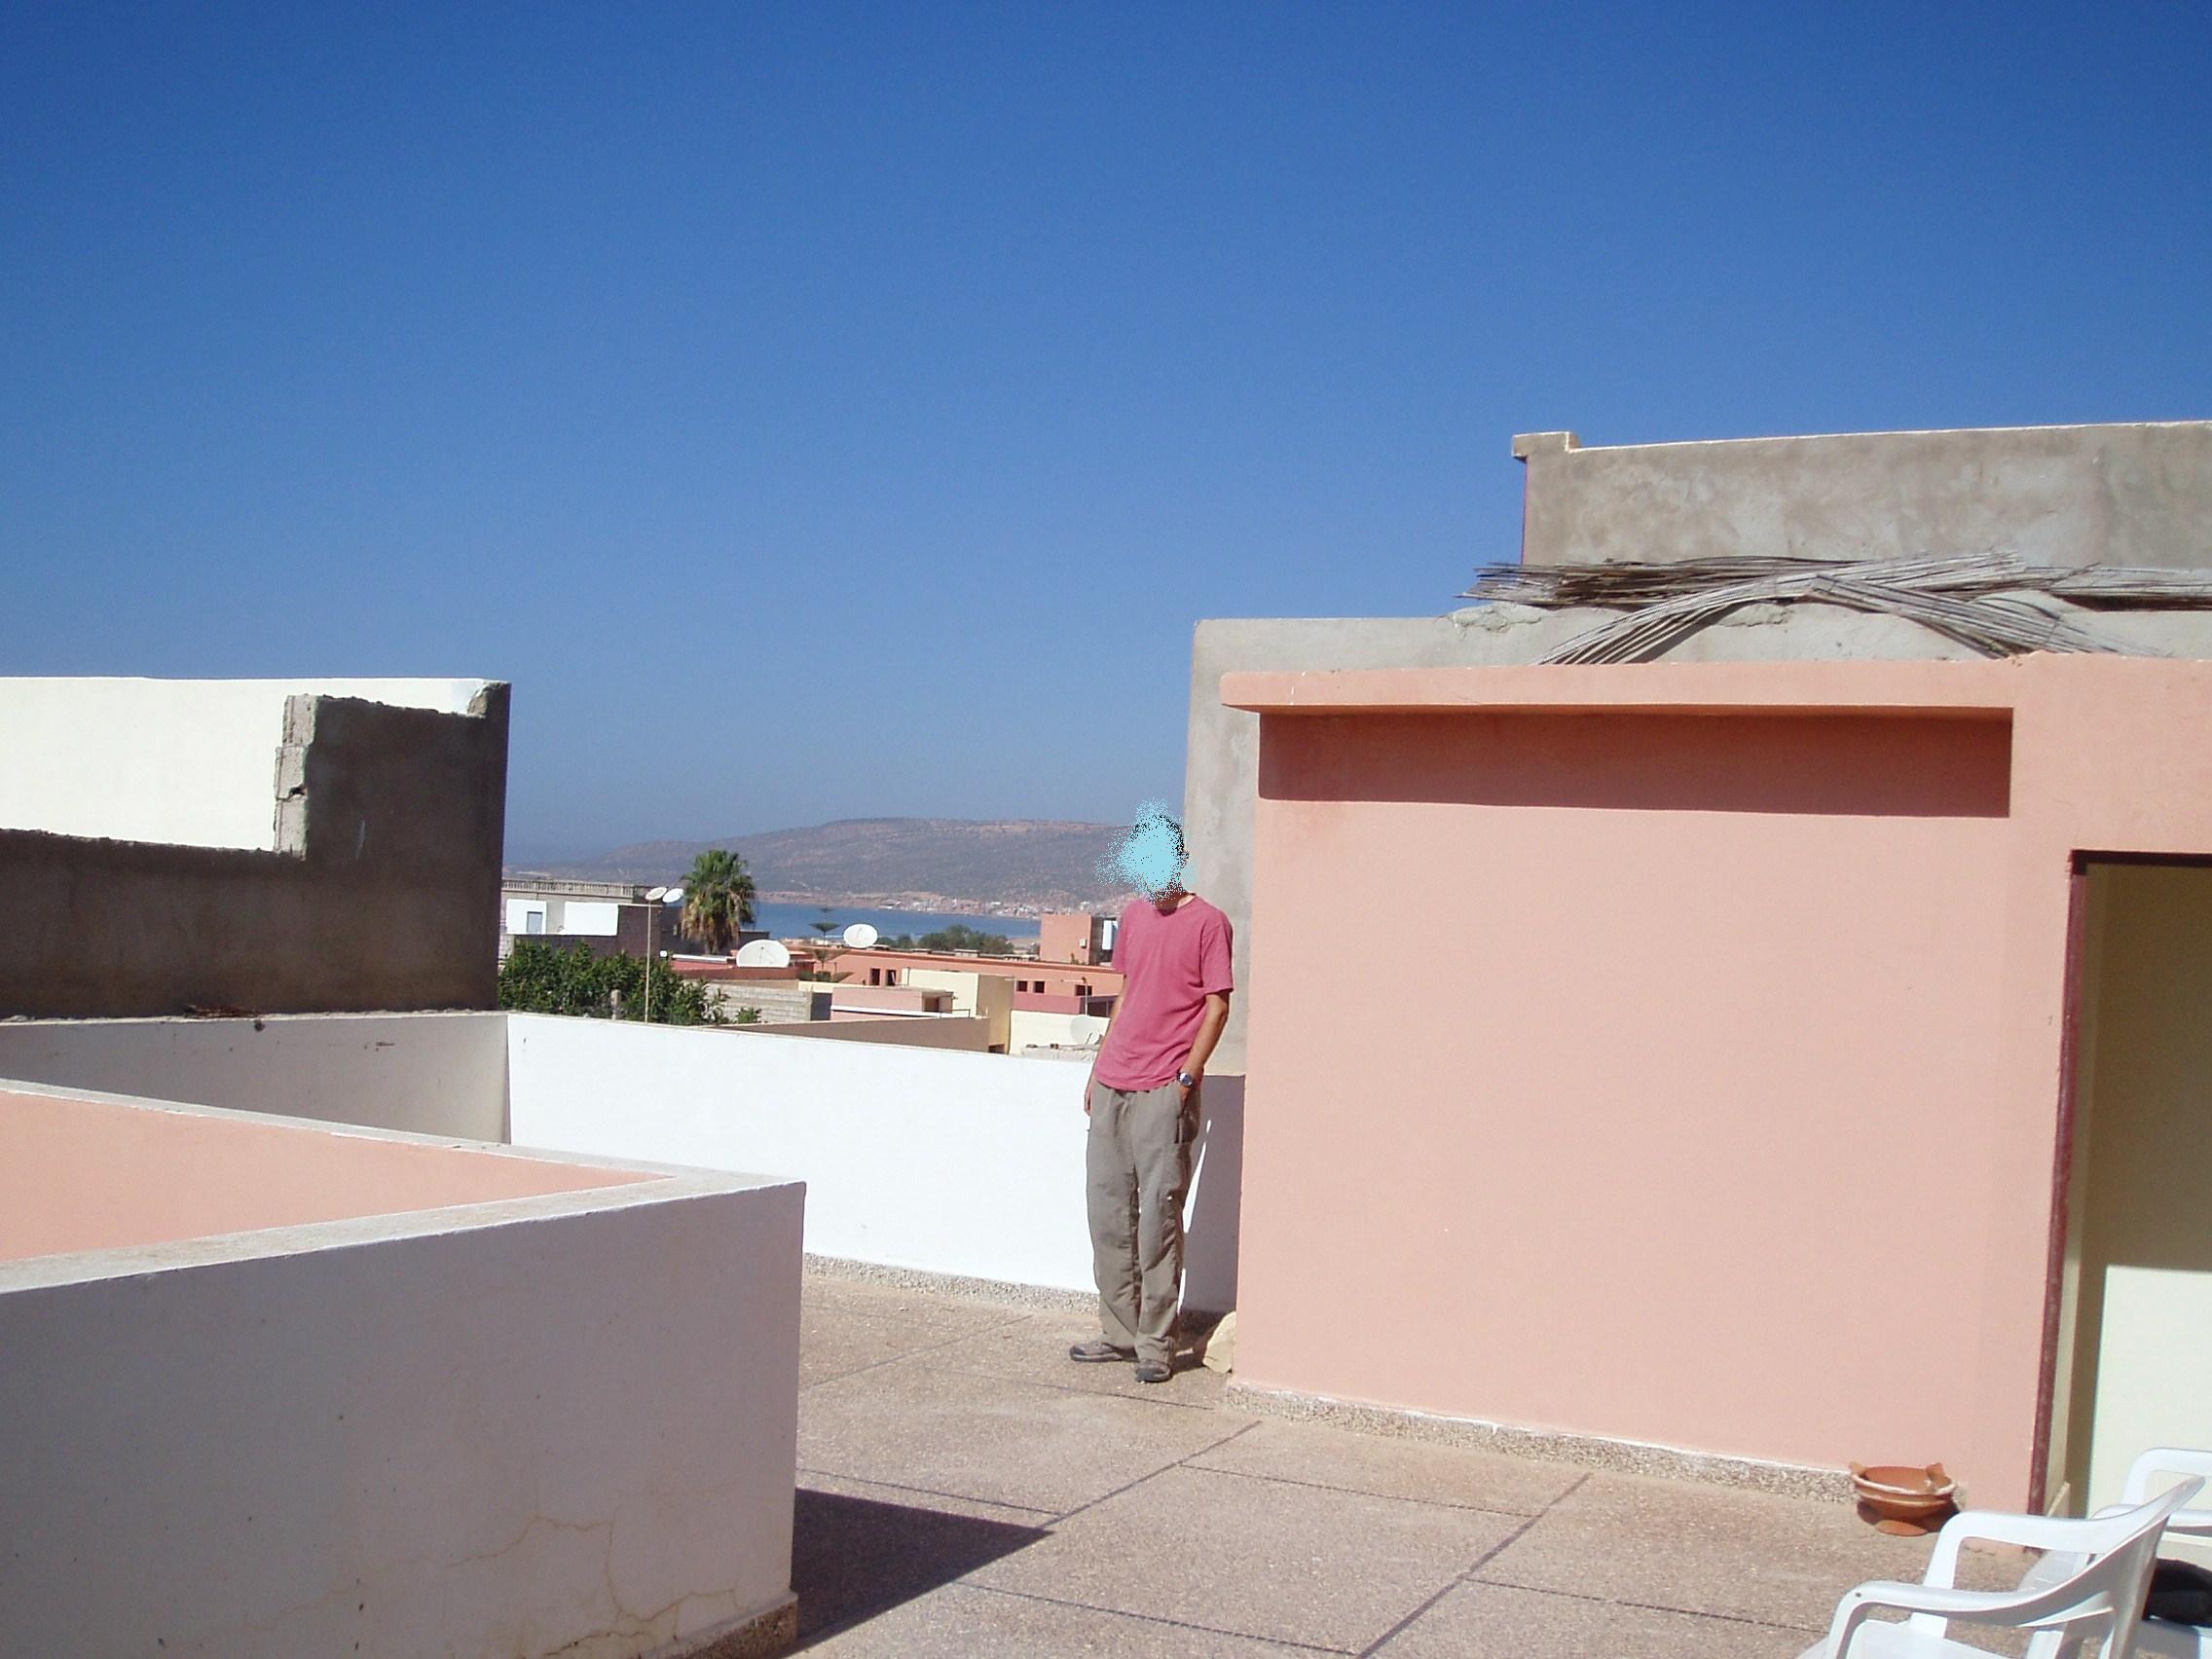 Maison de campagne louer agadir maroc location maison for Agadir maison a louer